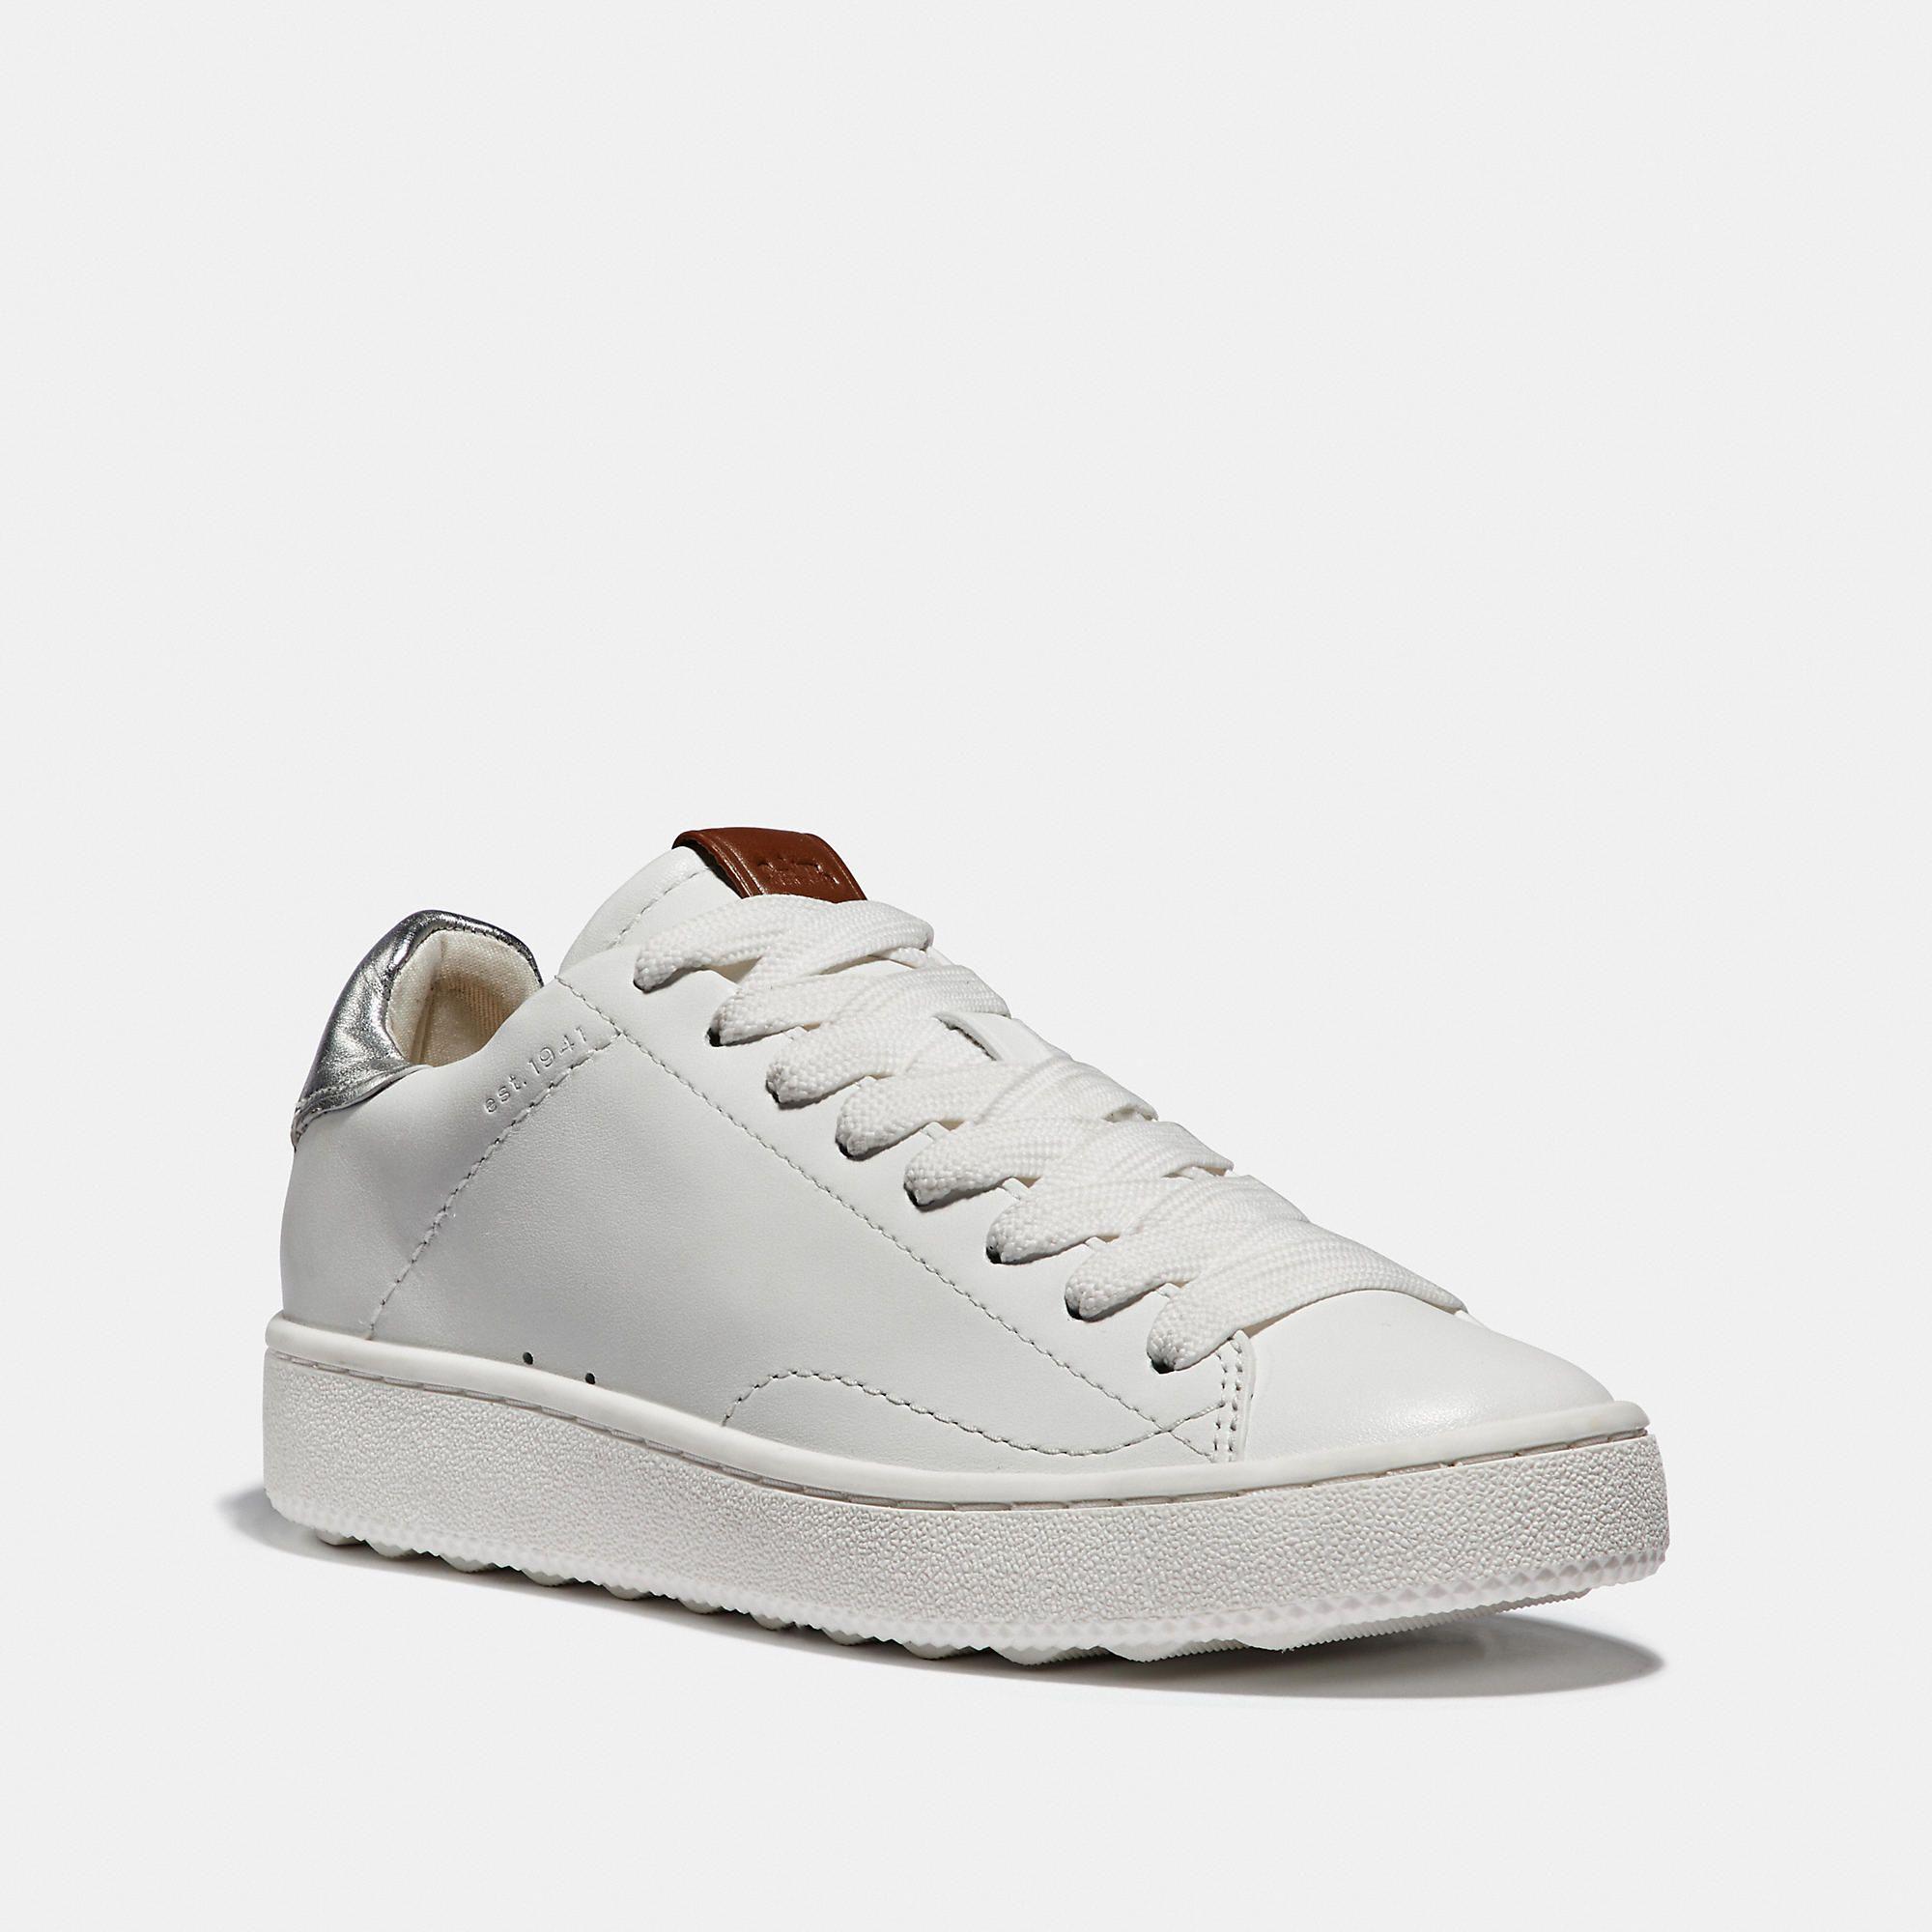 Puma Thunder Desert Sneakers Bright White GrayViolet Puma White